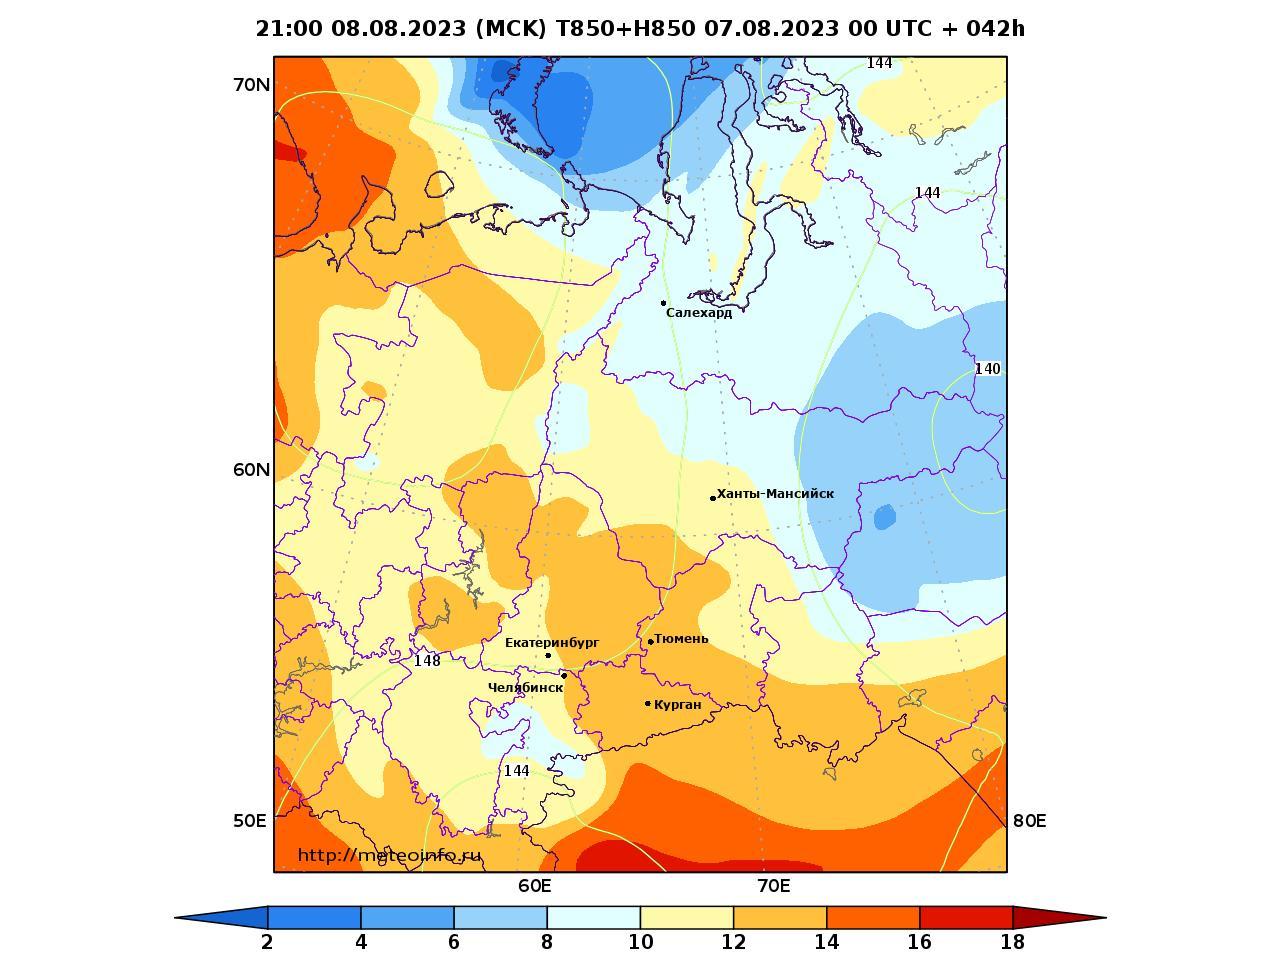 Уральский Федеральный округ, прогностическая карта температура T850 и геопотенциал H850, заблаговременность прогноза 42 часа